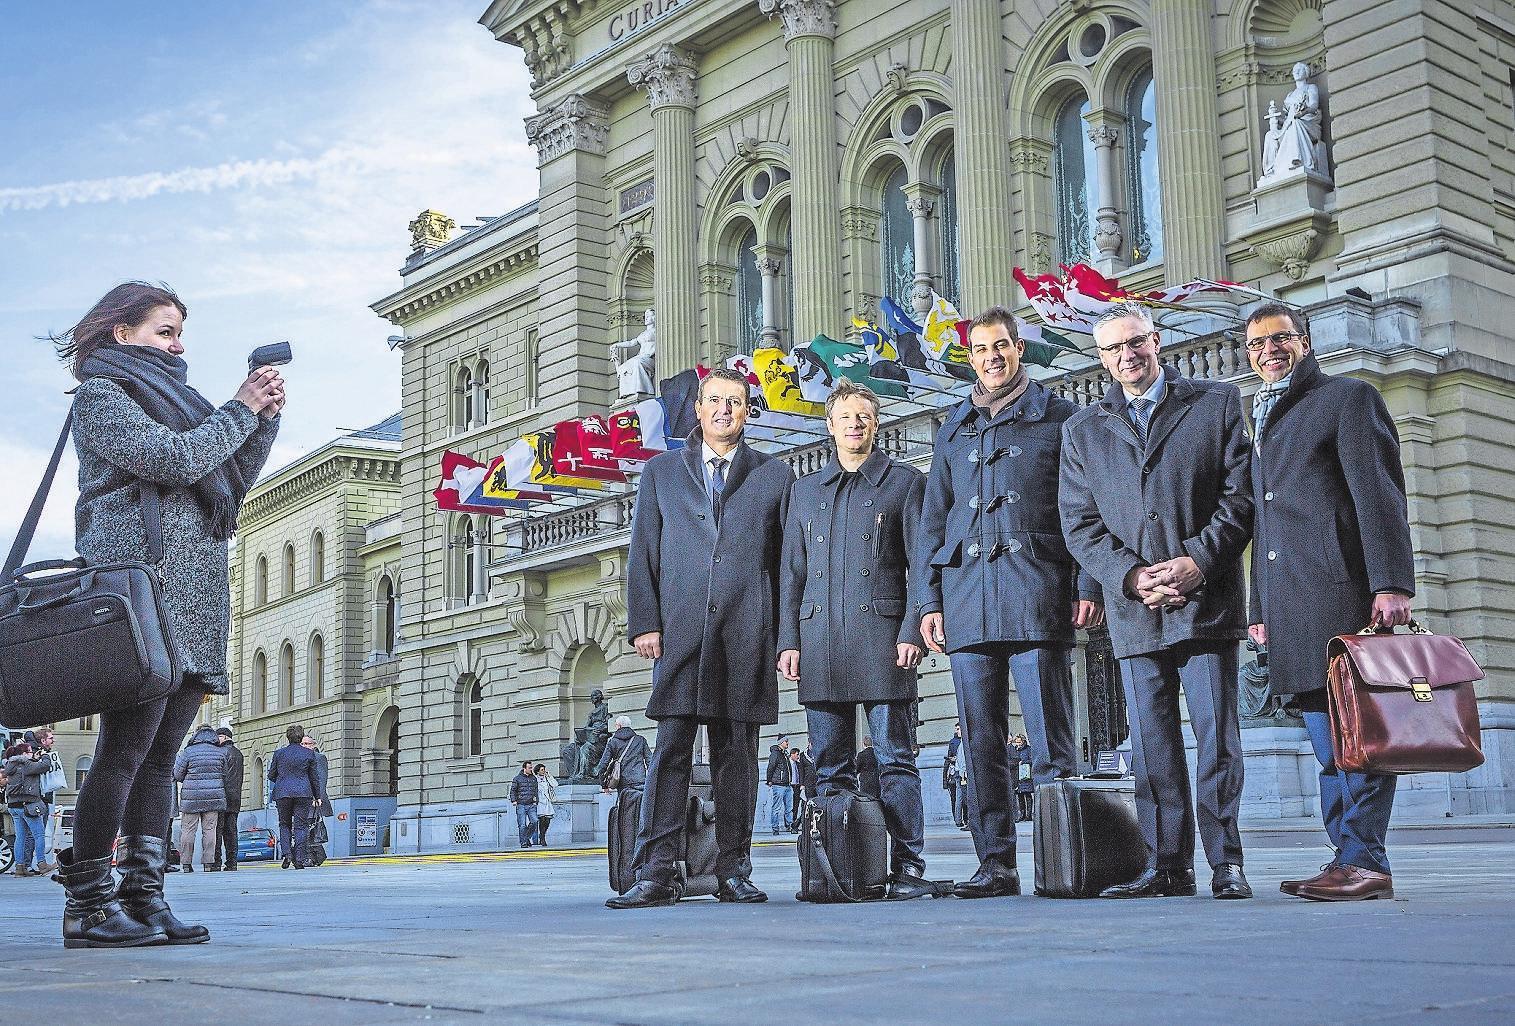 Die fünf neuen Aargauer Nationalräte 2015: Thomas Burgherr (SVP), Jonas Fricker (Grüne), Thierry Burkart (FDP), Andreas Glarner (SVP) und Matthias Jauslin (FDP, von links) – diesen Herbst dürfte es mehr neue Gesichter in Bern geben. Bild: Chris Iseli (Bern, 30. November 2015)